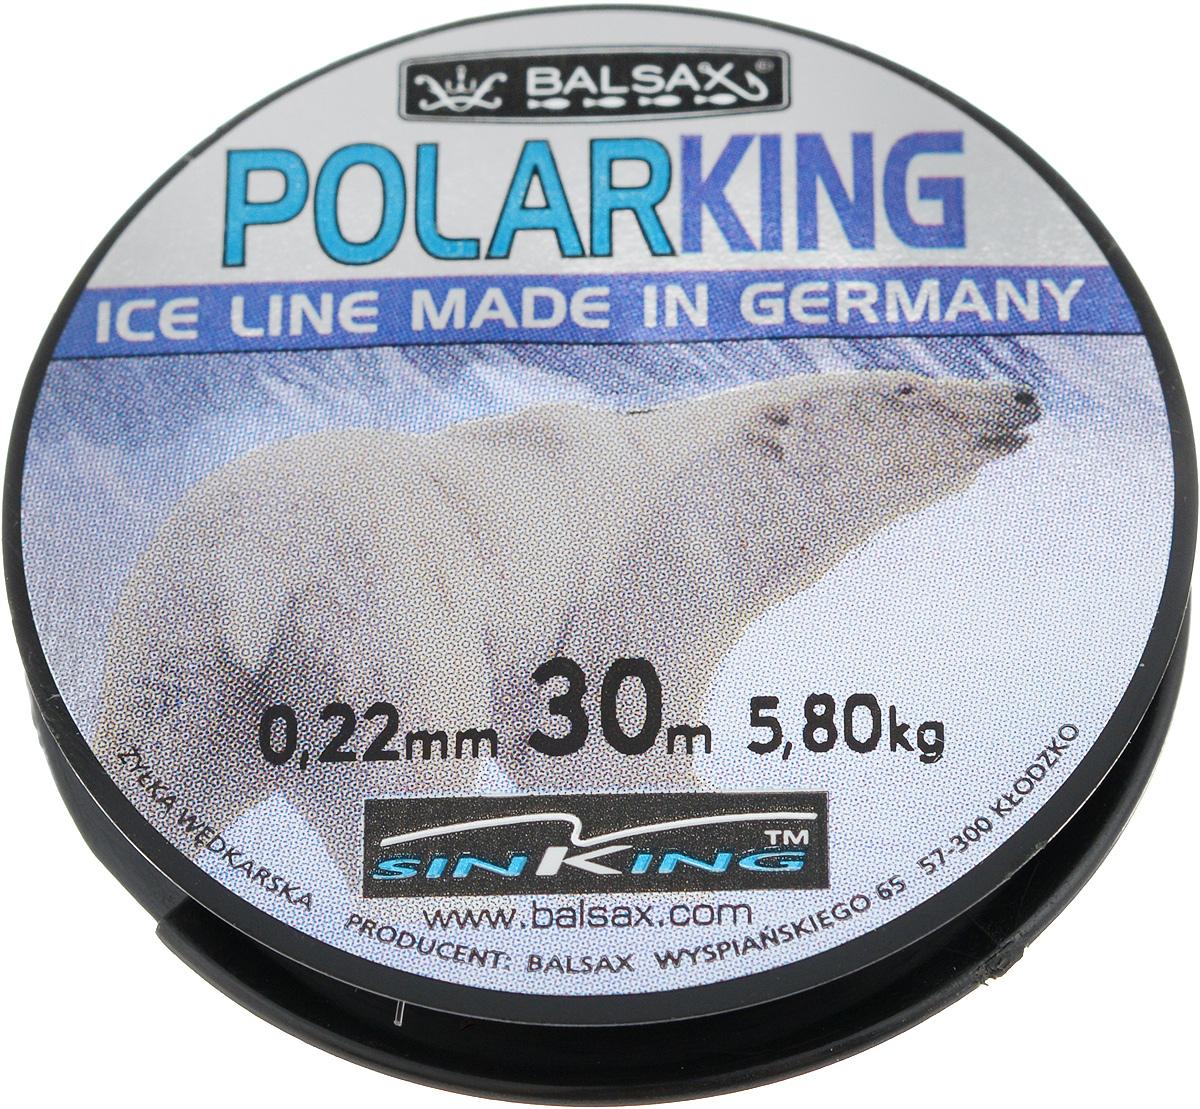 Леска зимняя Balsax Polar King, 30 м, 0,22 мм, 5,8 кг310-13022Леска Balsax Polar King изготовлена из 100% нейлона и очень хорошо выдерживает низкие температуры. Даже в самом холодном климате, при температуре вплоть до -40°C, она сохраняет свои свойства практически без изменений, в то время как традиционные лески становятся менее эластичными и теряют прочность. Поверхность лески обработана таким образом, что она не обмерзает и отлично подходит для подледного лова. Прочна в местах вязки узлов даже при минимальном диаметре.